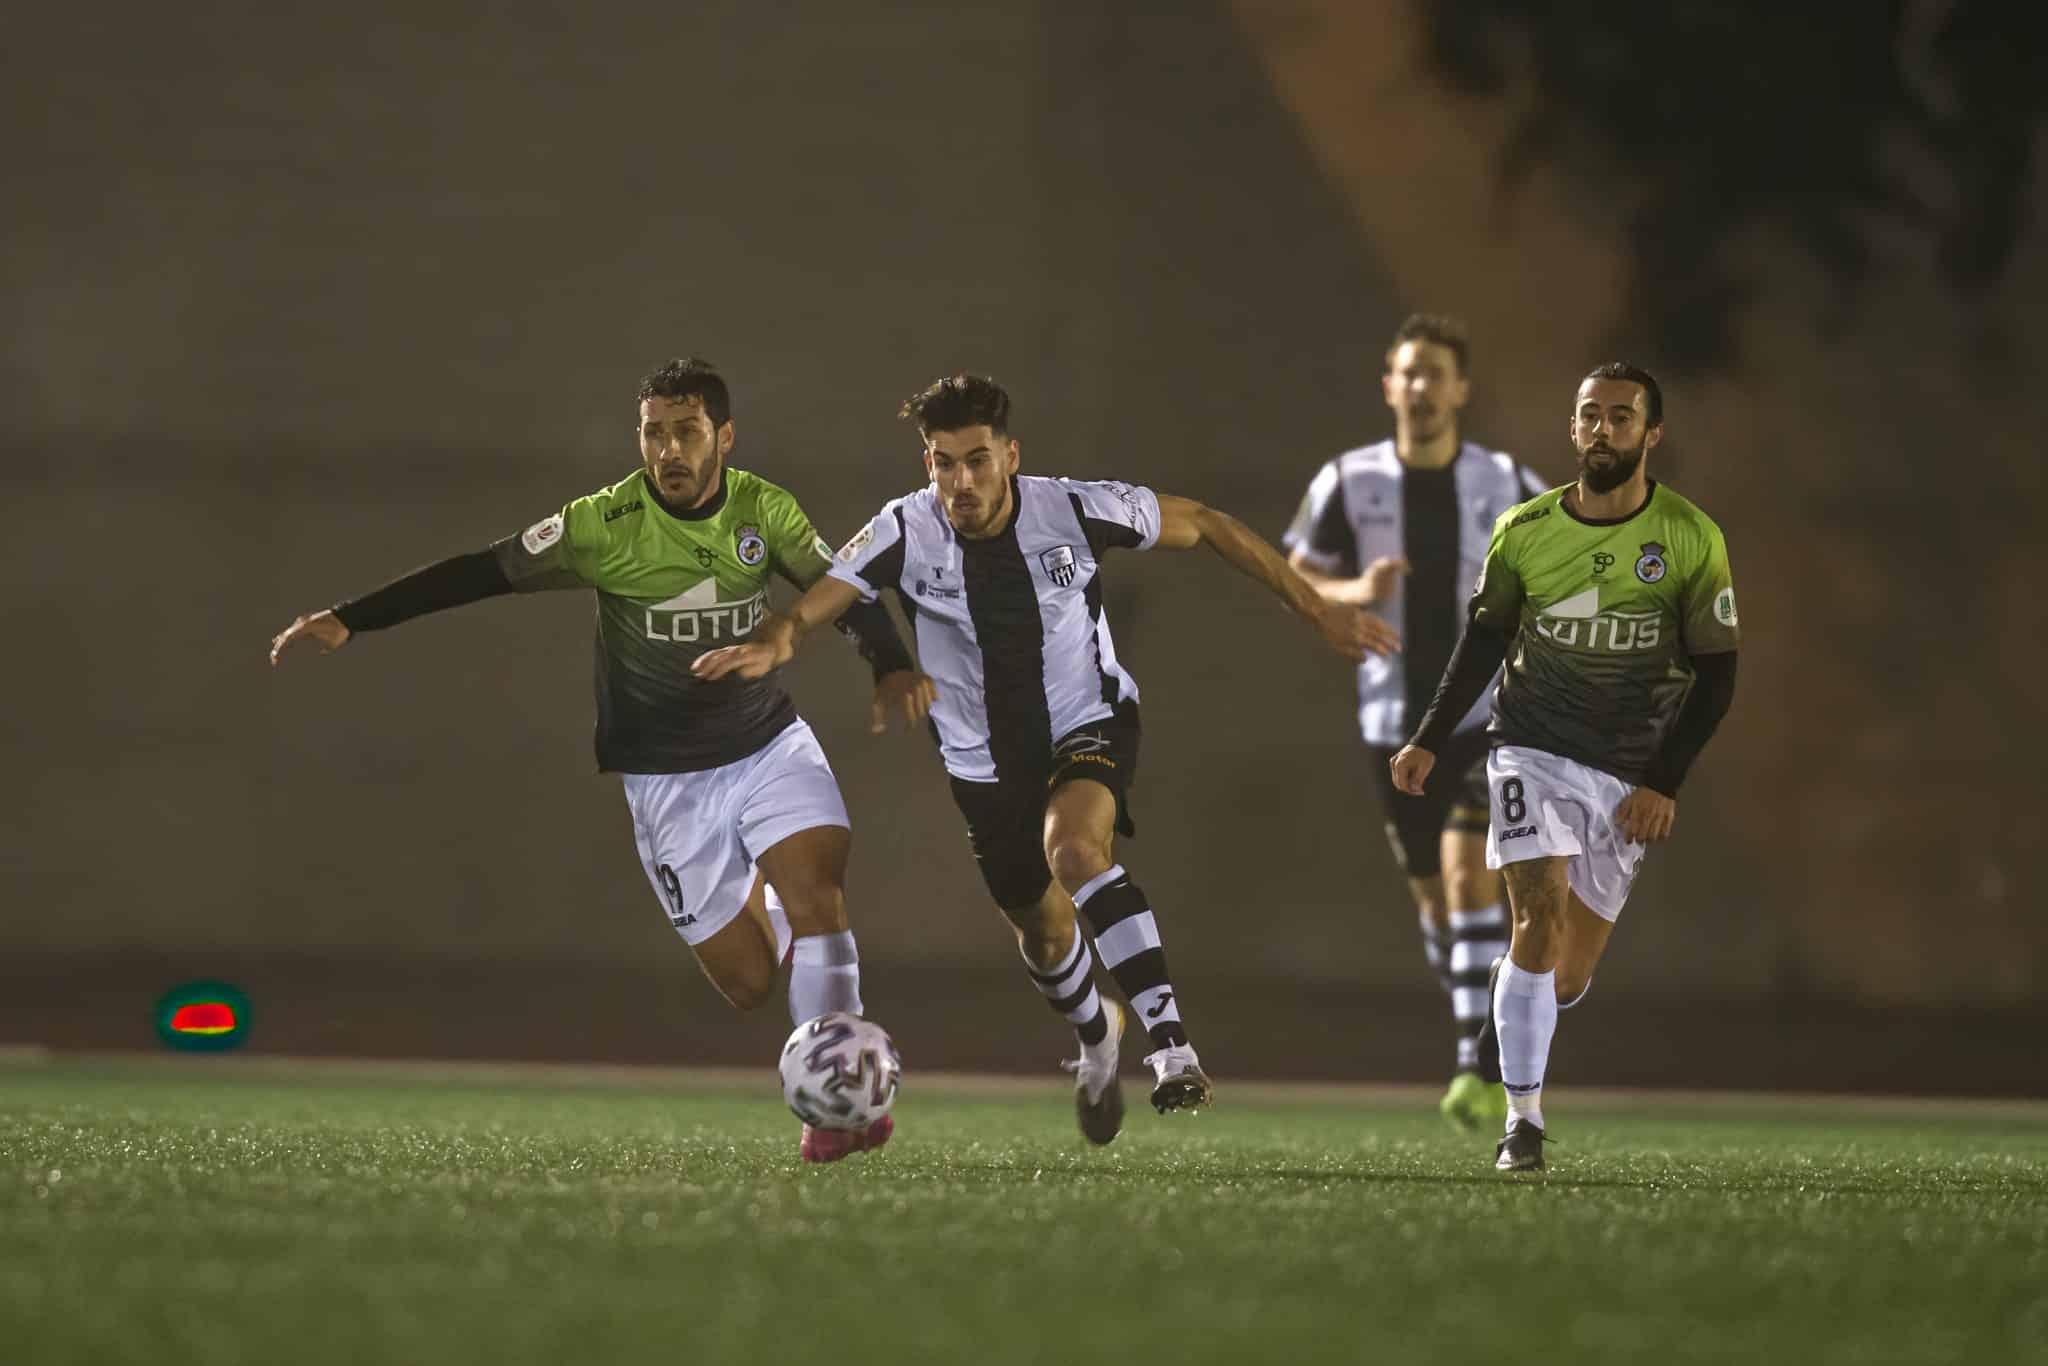 FOTOS: El Haro, el único equipo riojano que sobrevive en la Copa del Rey 15